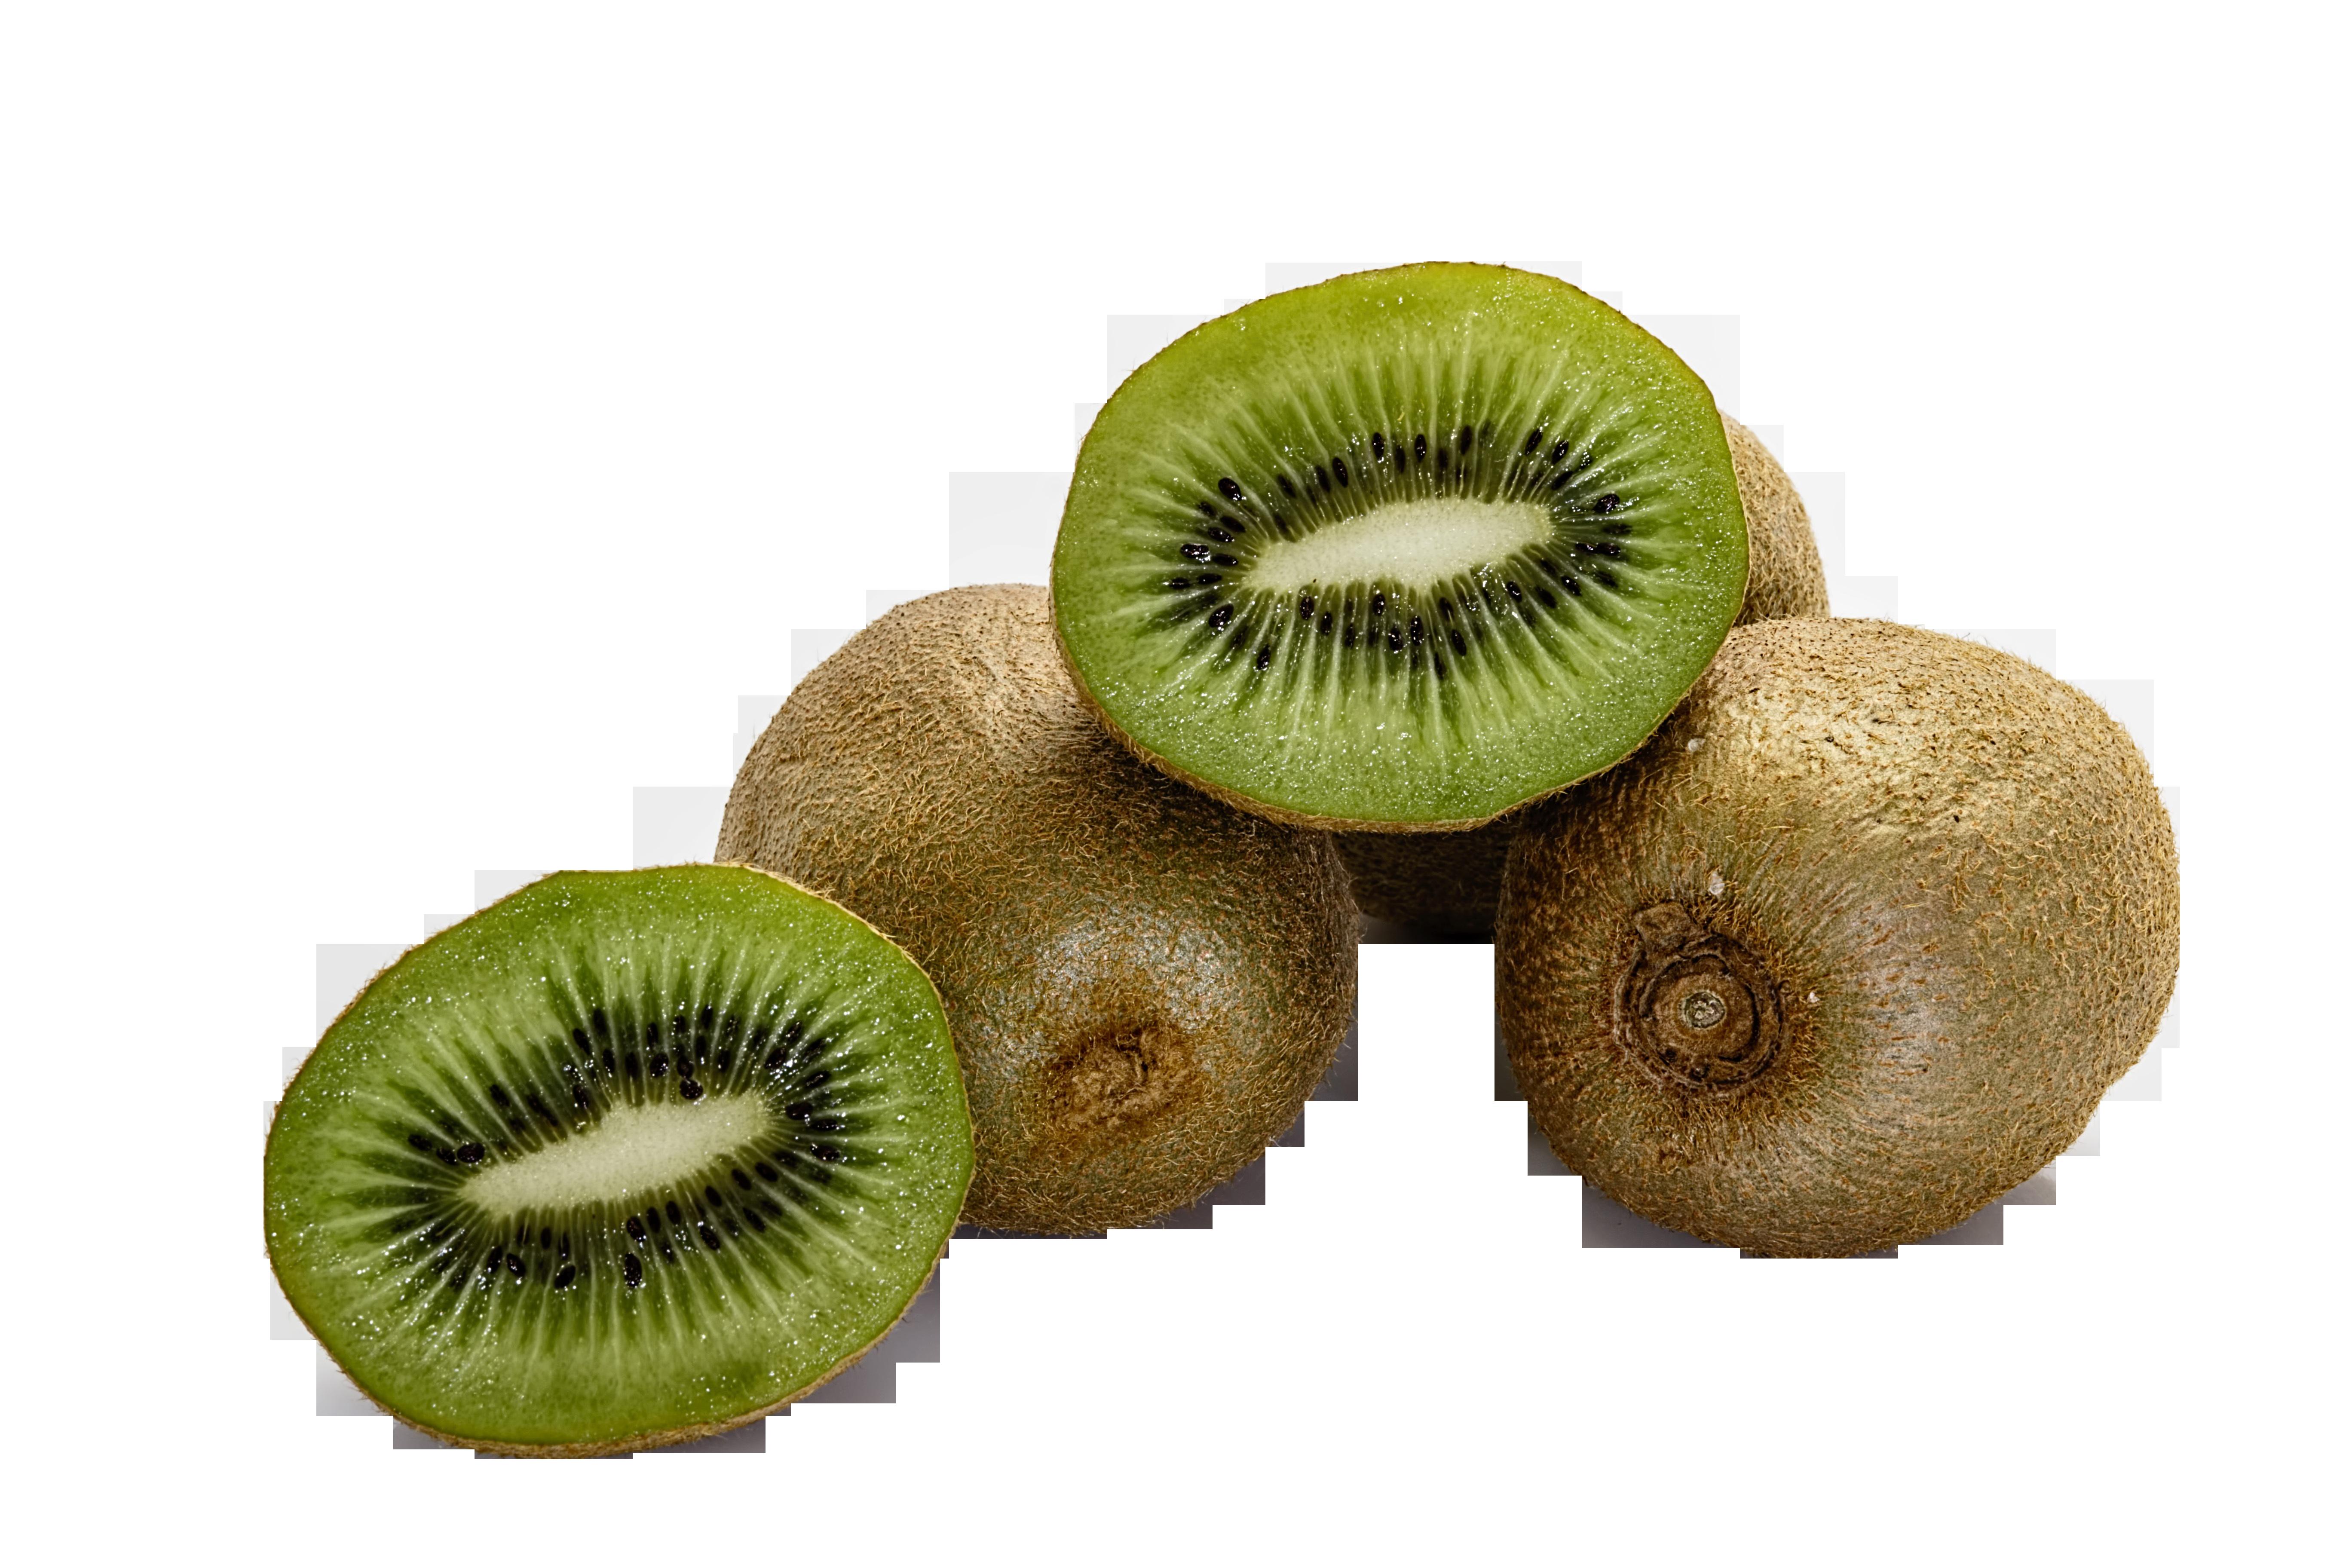 kiwifruit-400143_Clip